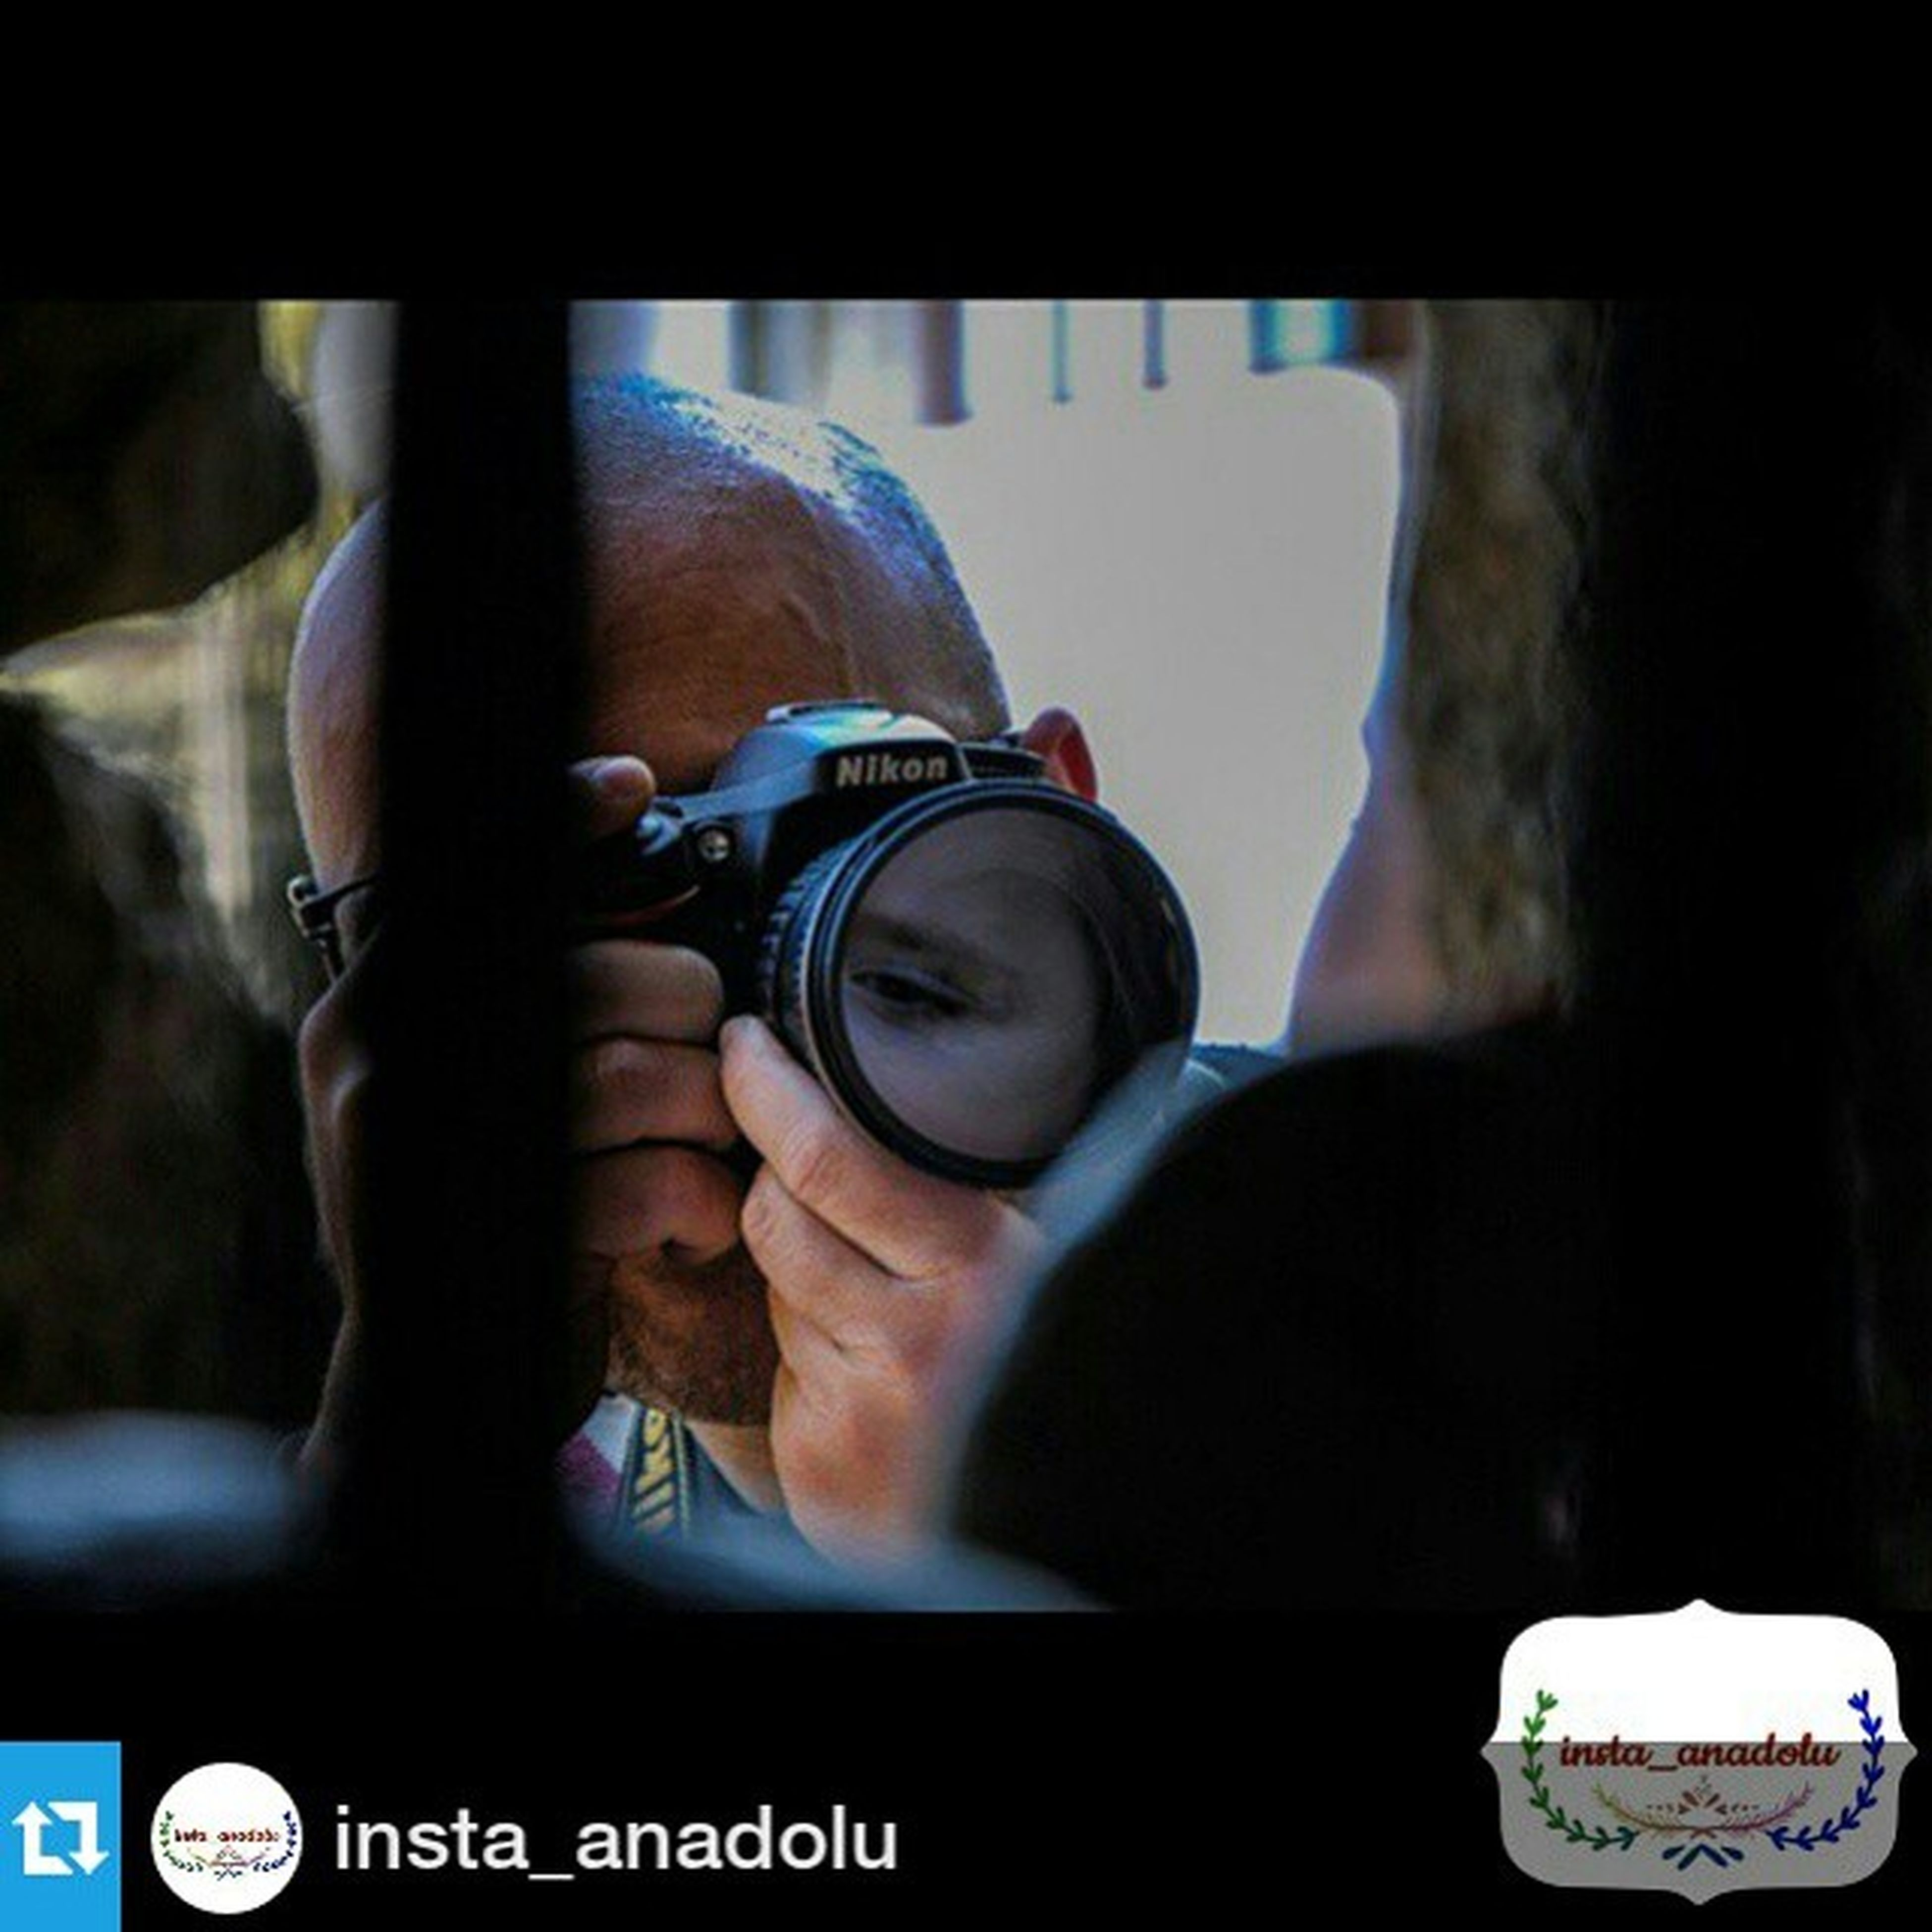 Fotoğrafımı değerli seçimleriyle ödüllendiren @by_bostanci 'ya teşekkürederim. insta_anadolu insta_anadolu __________________ 🏆🏆🏆🏆🏆🏆🏆🏆🏆🏆🏆🏆🏆 TEBRİKLER&CONGRATULATIONS _________________________________ 👔👔🌠FOTOĞRAF : @umit_devecioglu 🌠👔👔 _________________________________ 👑👑👑👑👑👑👑👑👑👑👑👑👑 Admin /Founder: @34.gnbtm /@by_bostanci ______________________________________________ 🎋🎋🎋SELECTED: @by_bostanci 🎋🎋🎋 ______________________________________________ Tag:👉 Insta_anadolu👈 👉@insta_anadolu 👈 ______________________________________________ 🌿Gokkusagıphotography🌿 _ig_photobox 🌿Anadolufotograf 🌿sizinkareleriniz 🌿objektifimden🌿ig_photostudio 🌿turkey_reward 🌿photo_turkey 🌿allshotsturkey 🌿hayatakarken 🌿istanbulpage🌿photo_storee 🌿cameraindonesia 🌿mekanim 🌿insta_anadolu 🌿ig_mood 🌿turkinstagram 🌿altinvizor 🌿foto_kayseri🌿istanbuldayasam 🌿ahguzelistanbul 🌿fotografdukkanim 🌿hayati_paylas 🌿fotogulumse 🌿people_in_bl 🌿turkey_reward 🌿ig_fotografkaresi 🌿fotoeniyiler